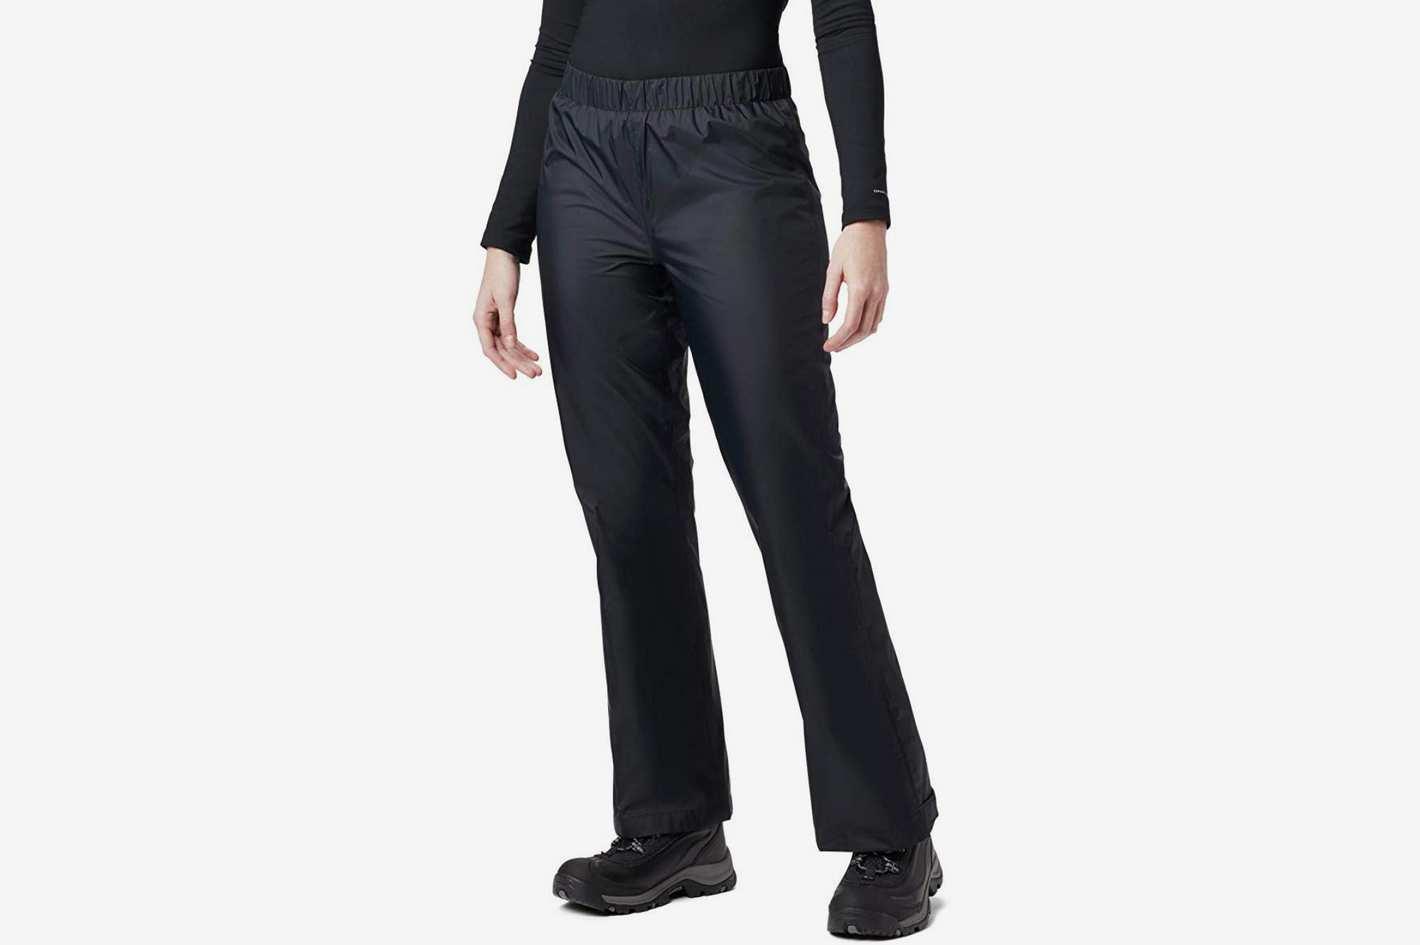 Pantalon de pluie imperméable Columbia pour femmes